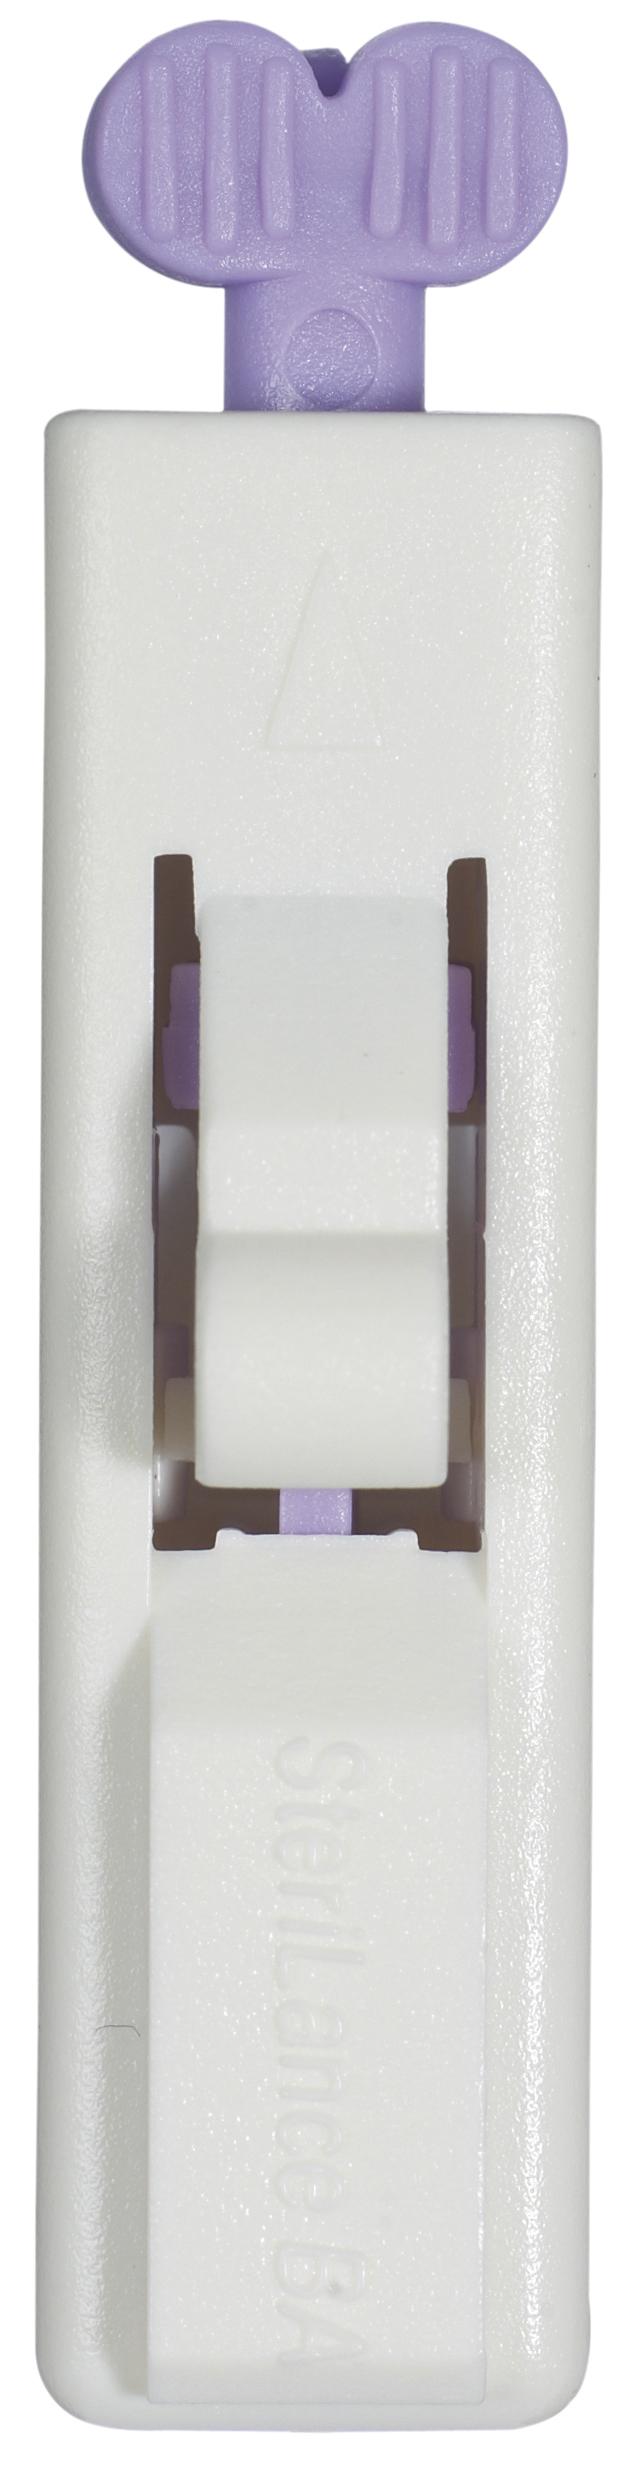 Image of Vitrex Lancet til Blodsukkermåling 1,8 mm (Lilla)